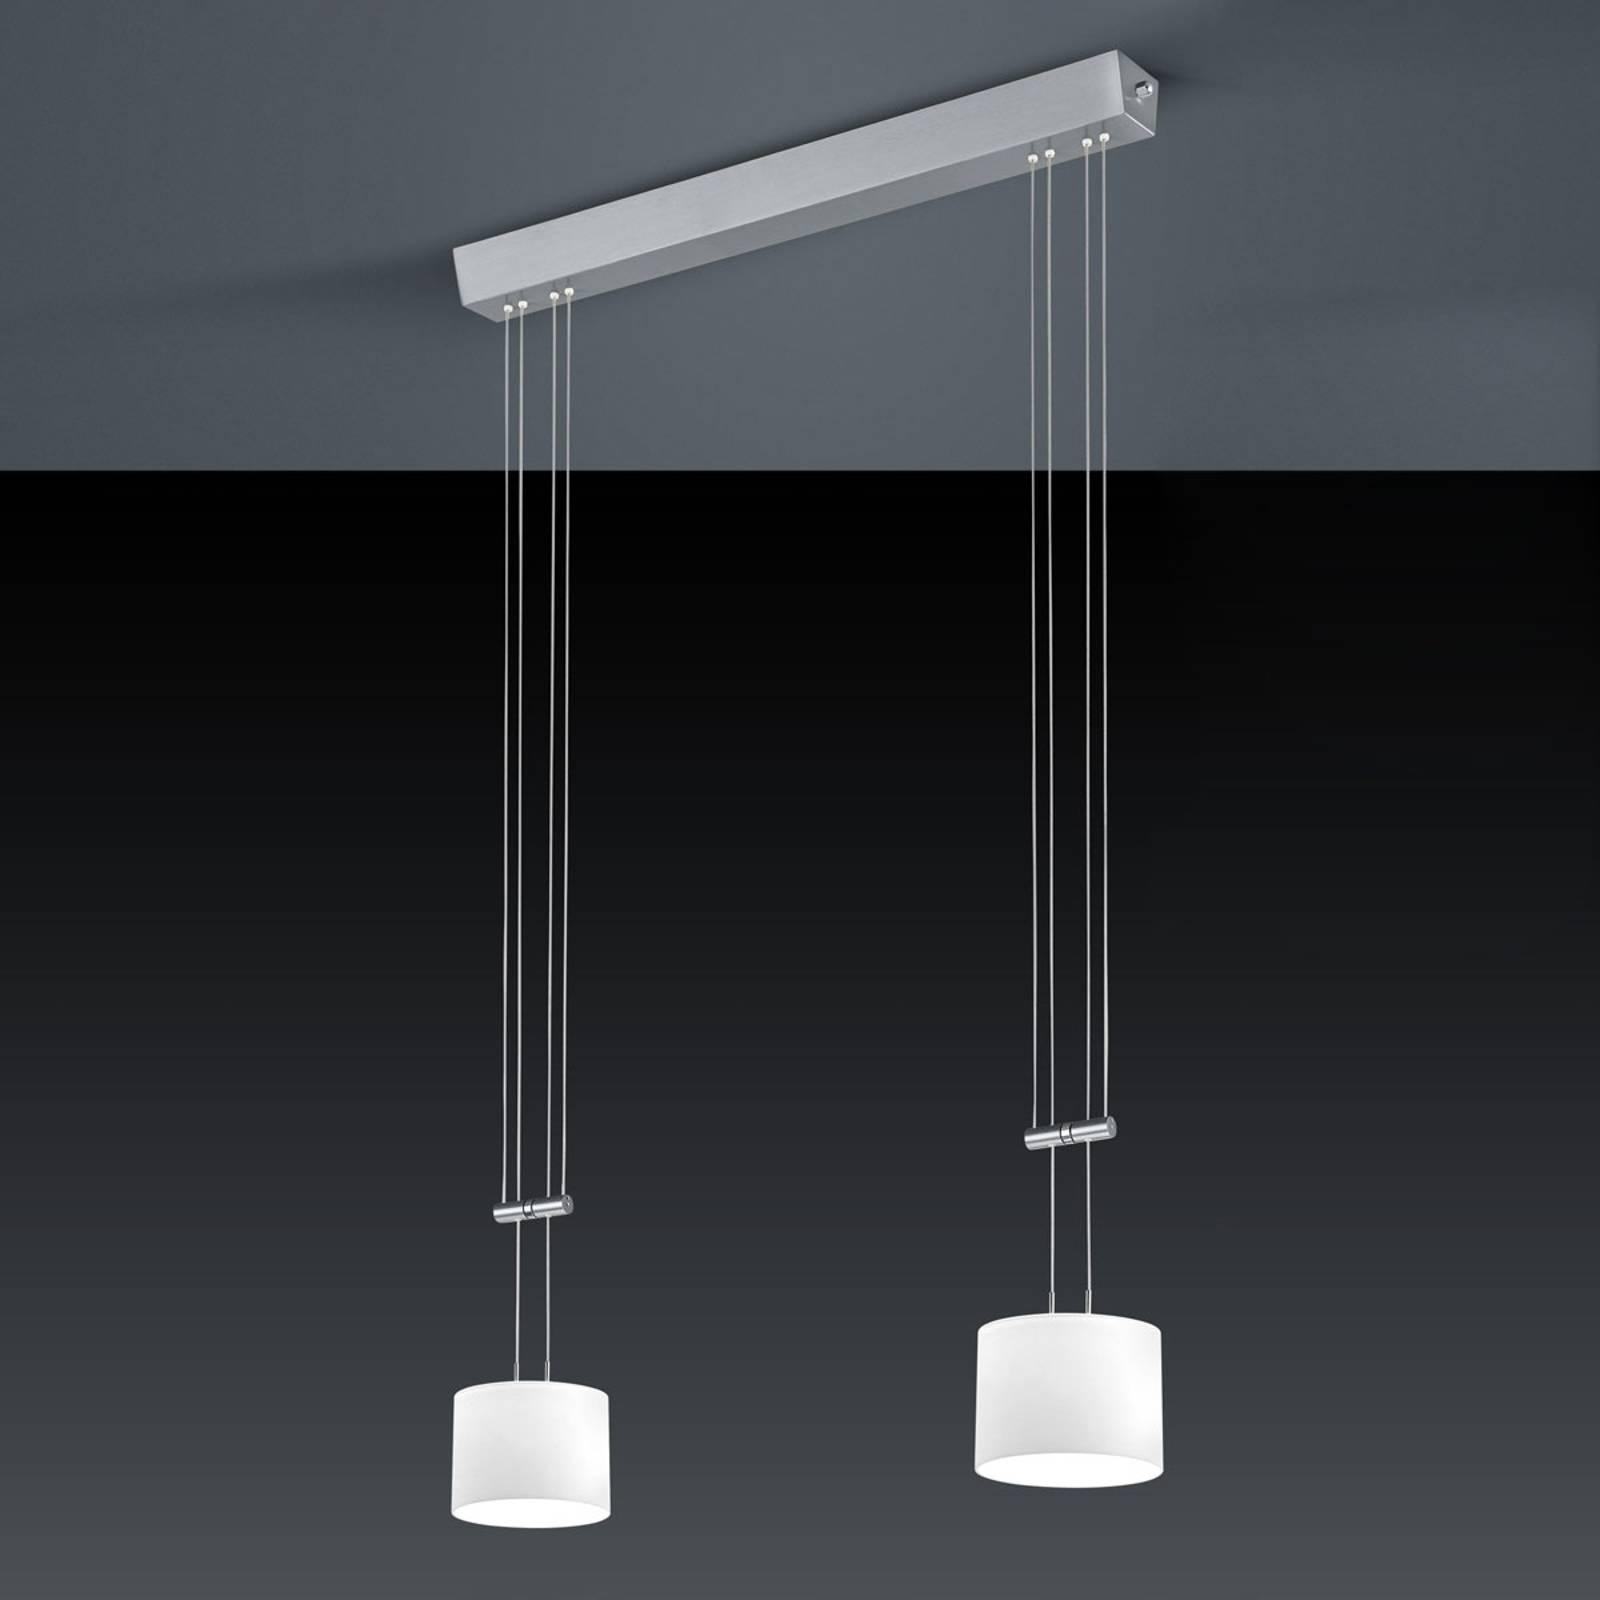 BANKAMP Grazia LED hanglamp, ZigBee, 2 lamp